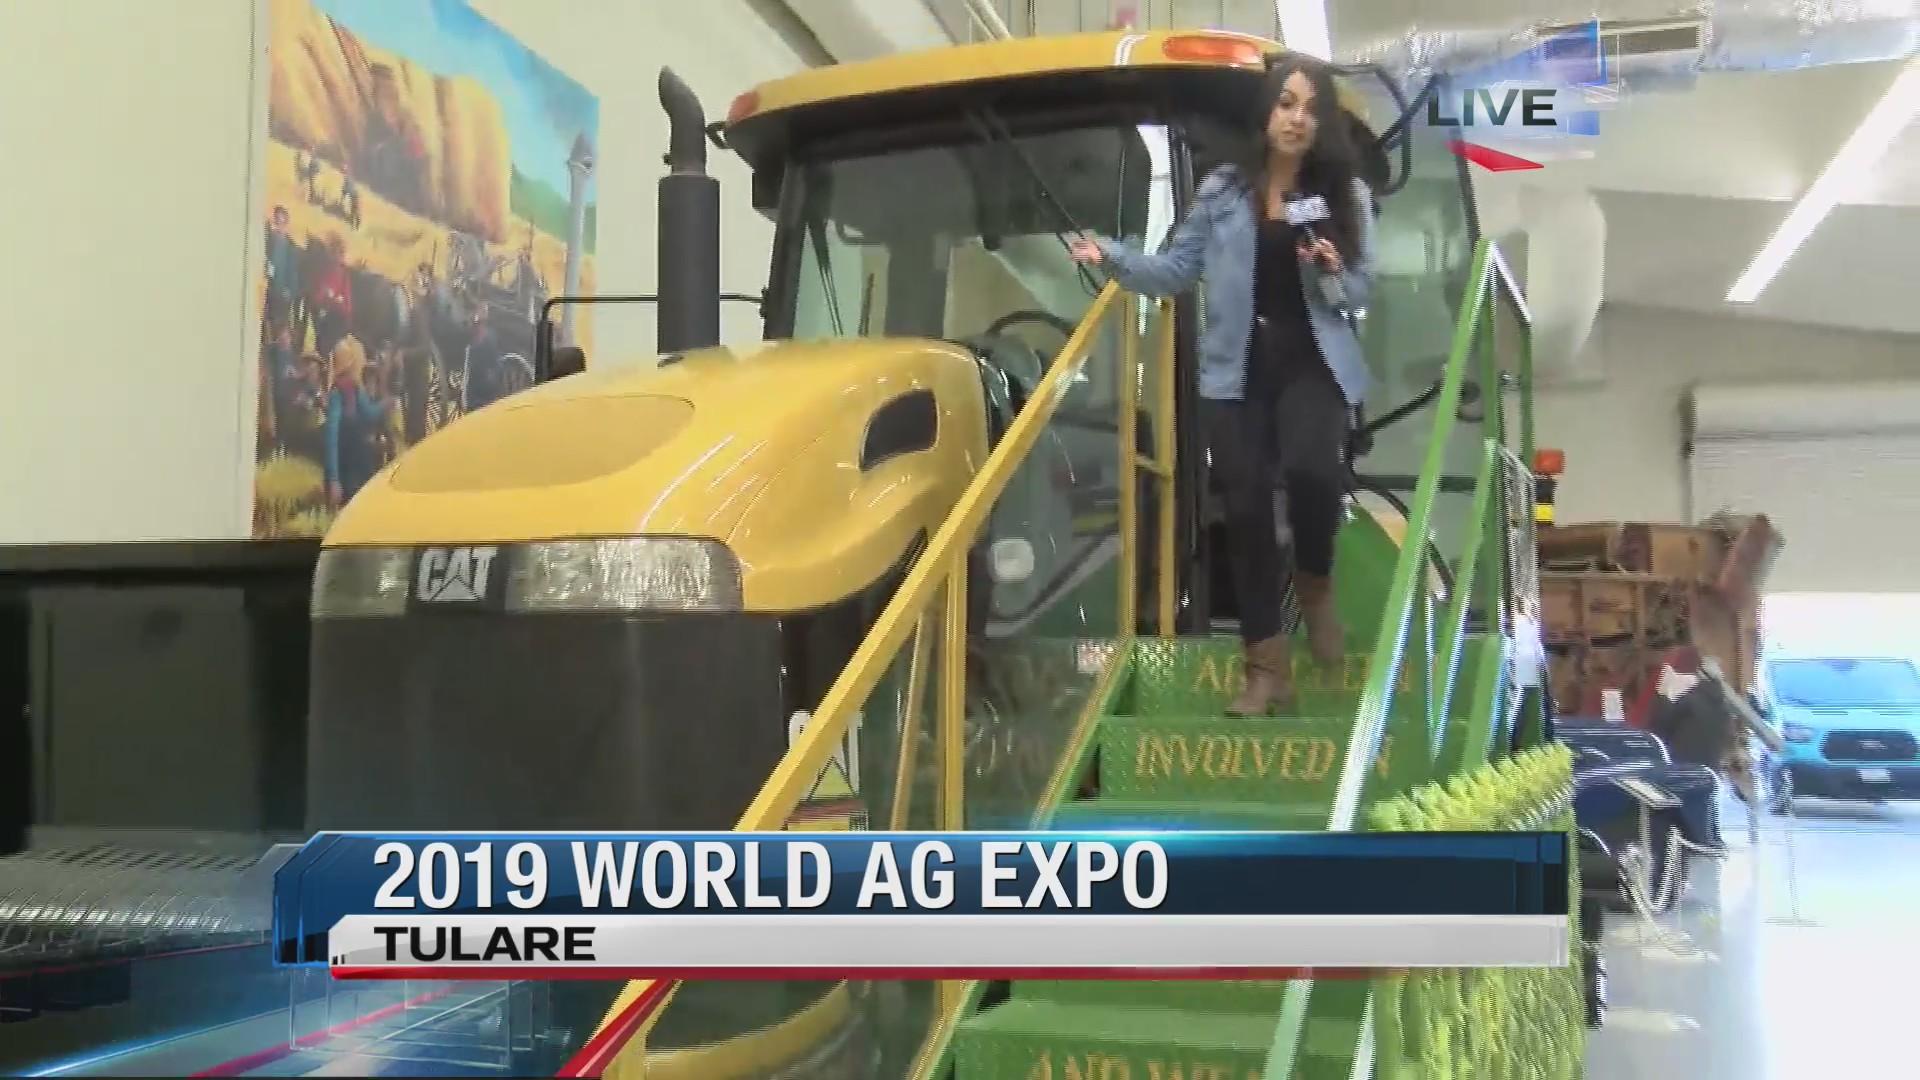 World AG Expo Museum Exhibit